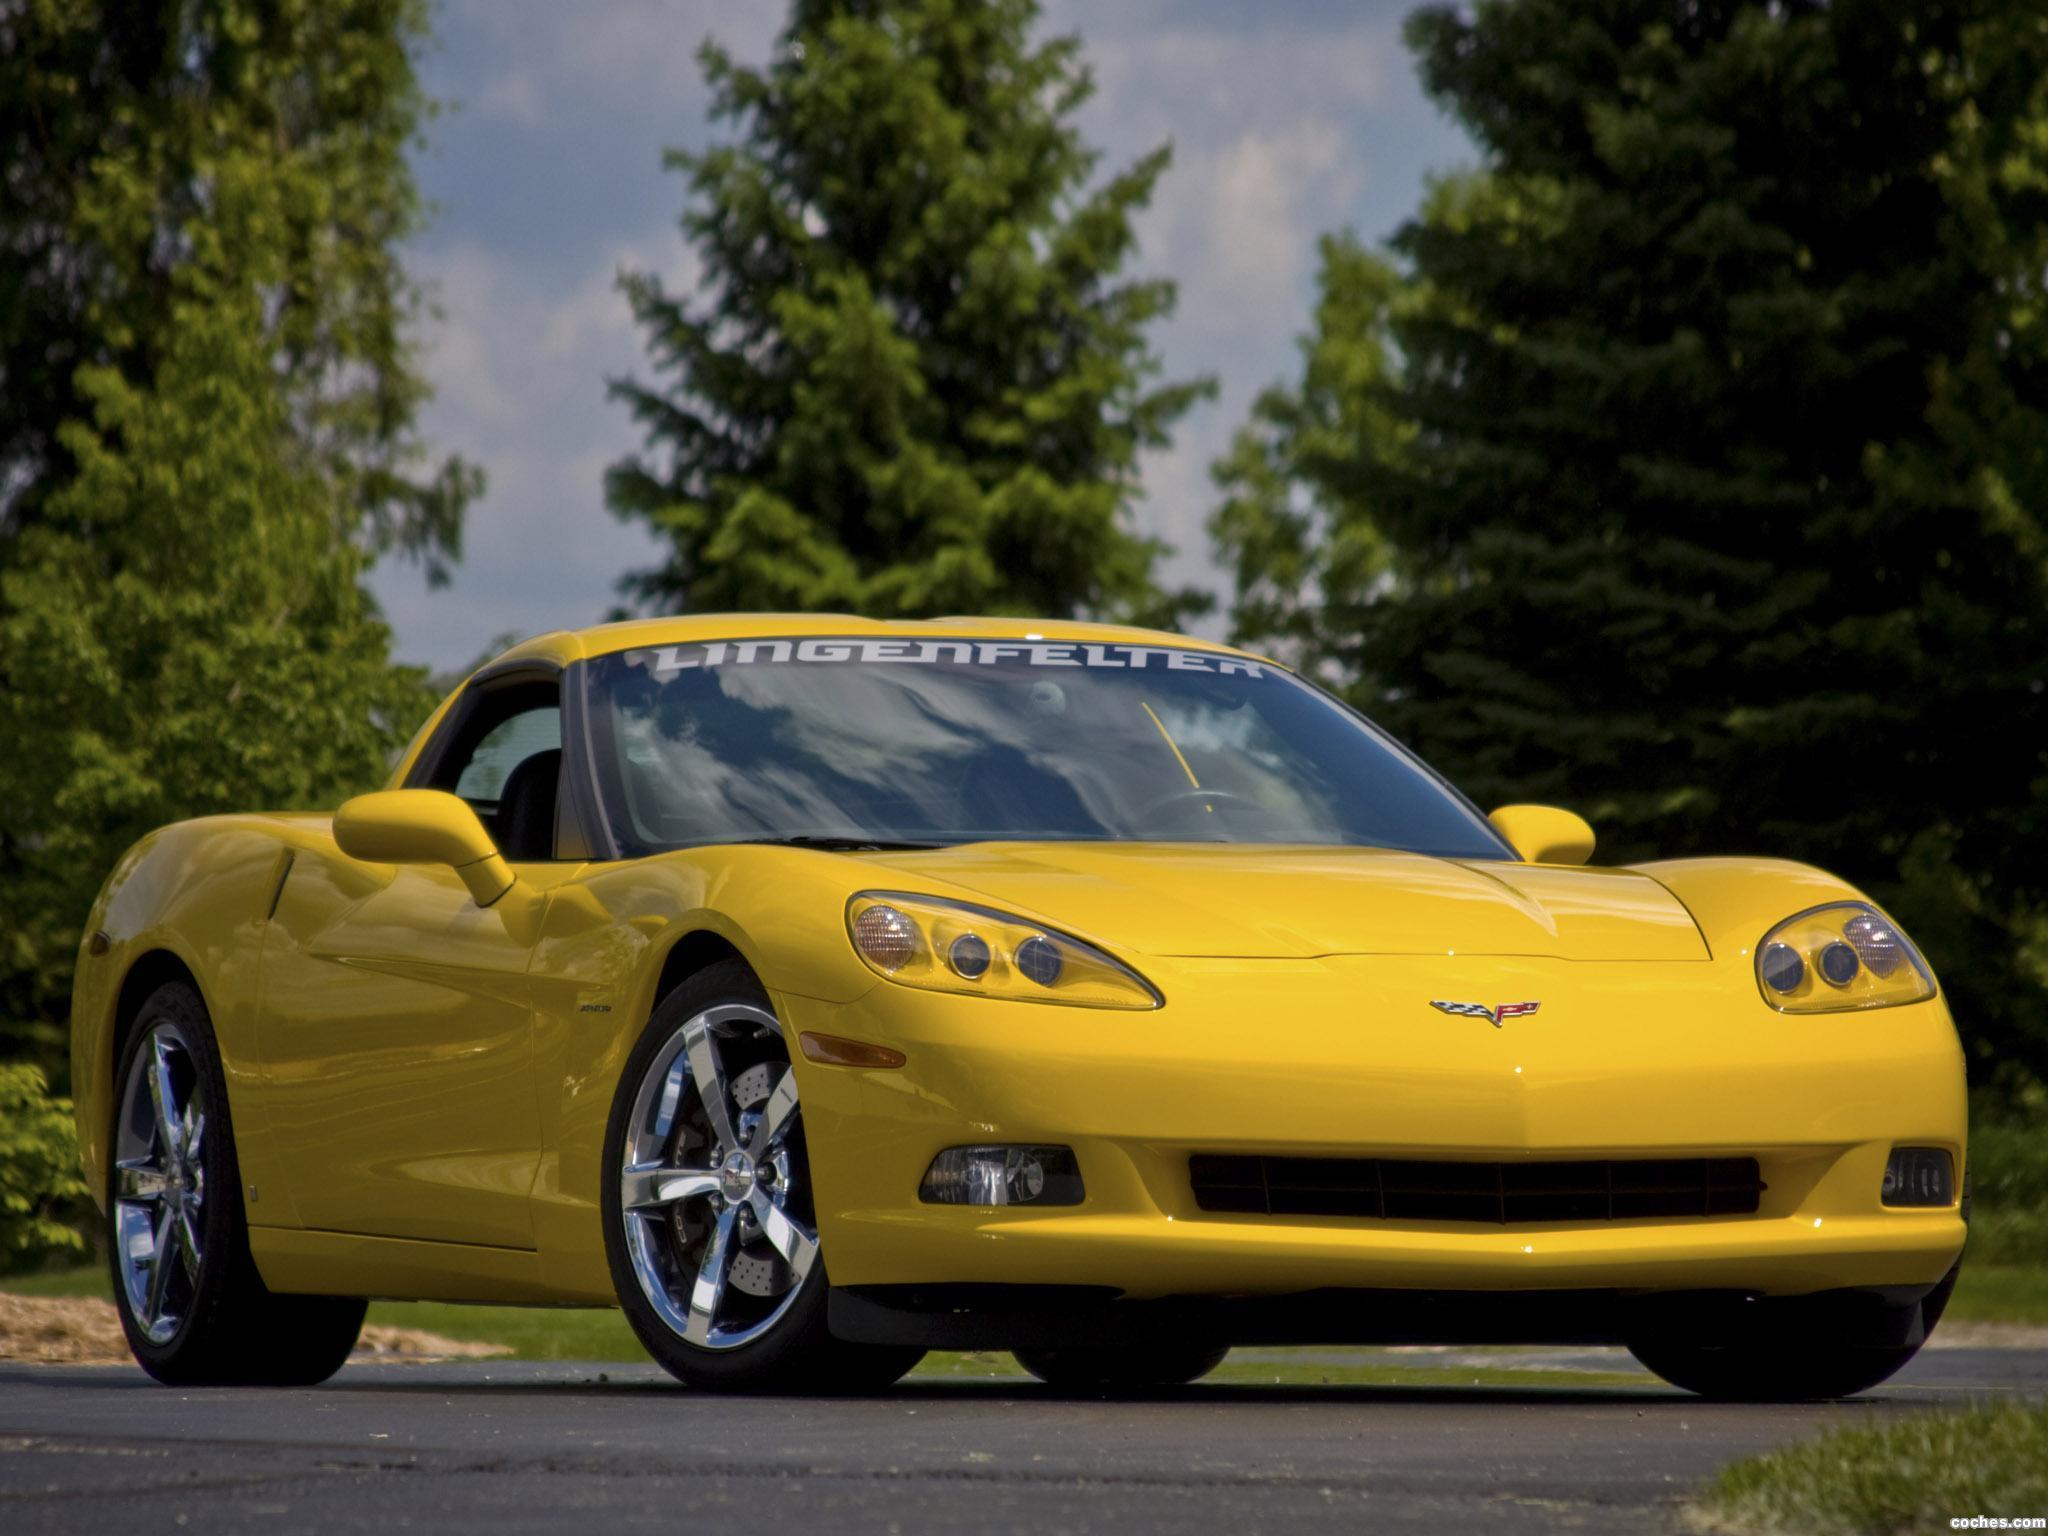 fotos corvette c6 - photo #16